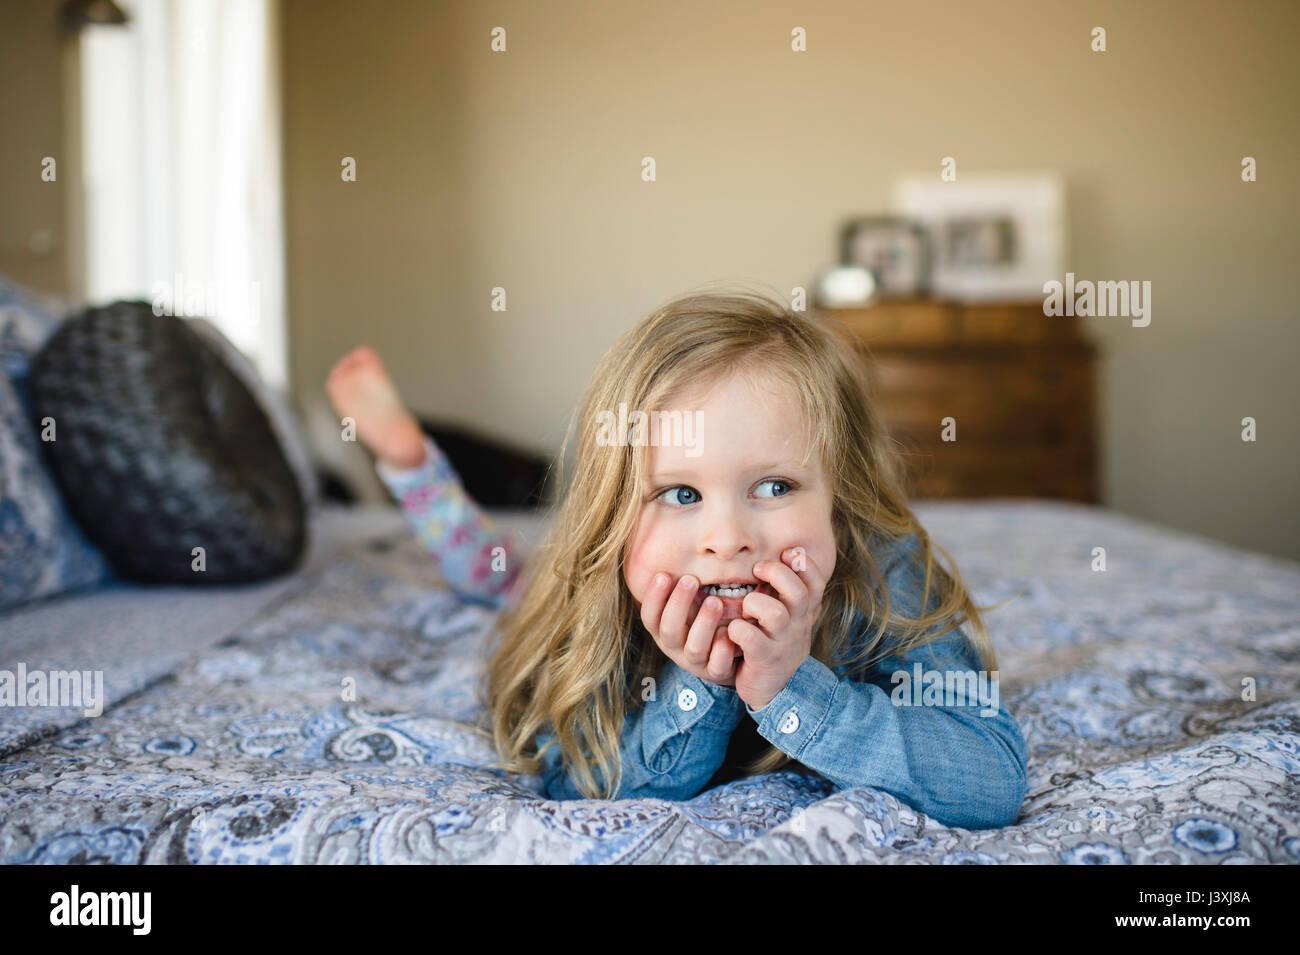 Chica tumbado en la cama mirando hacia los lados Imagen De Stock